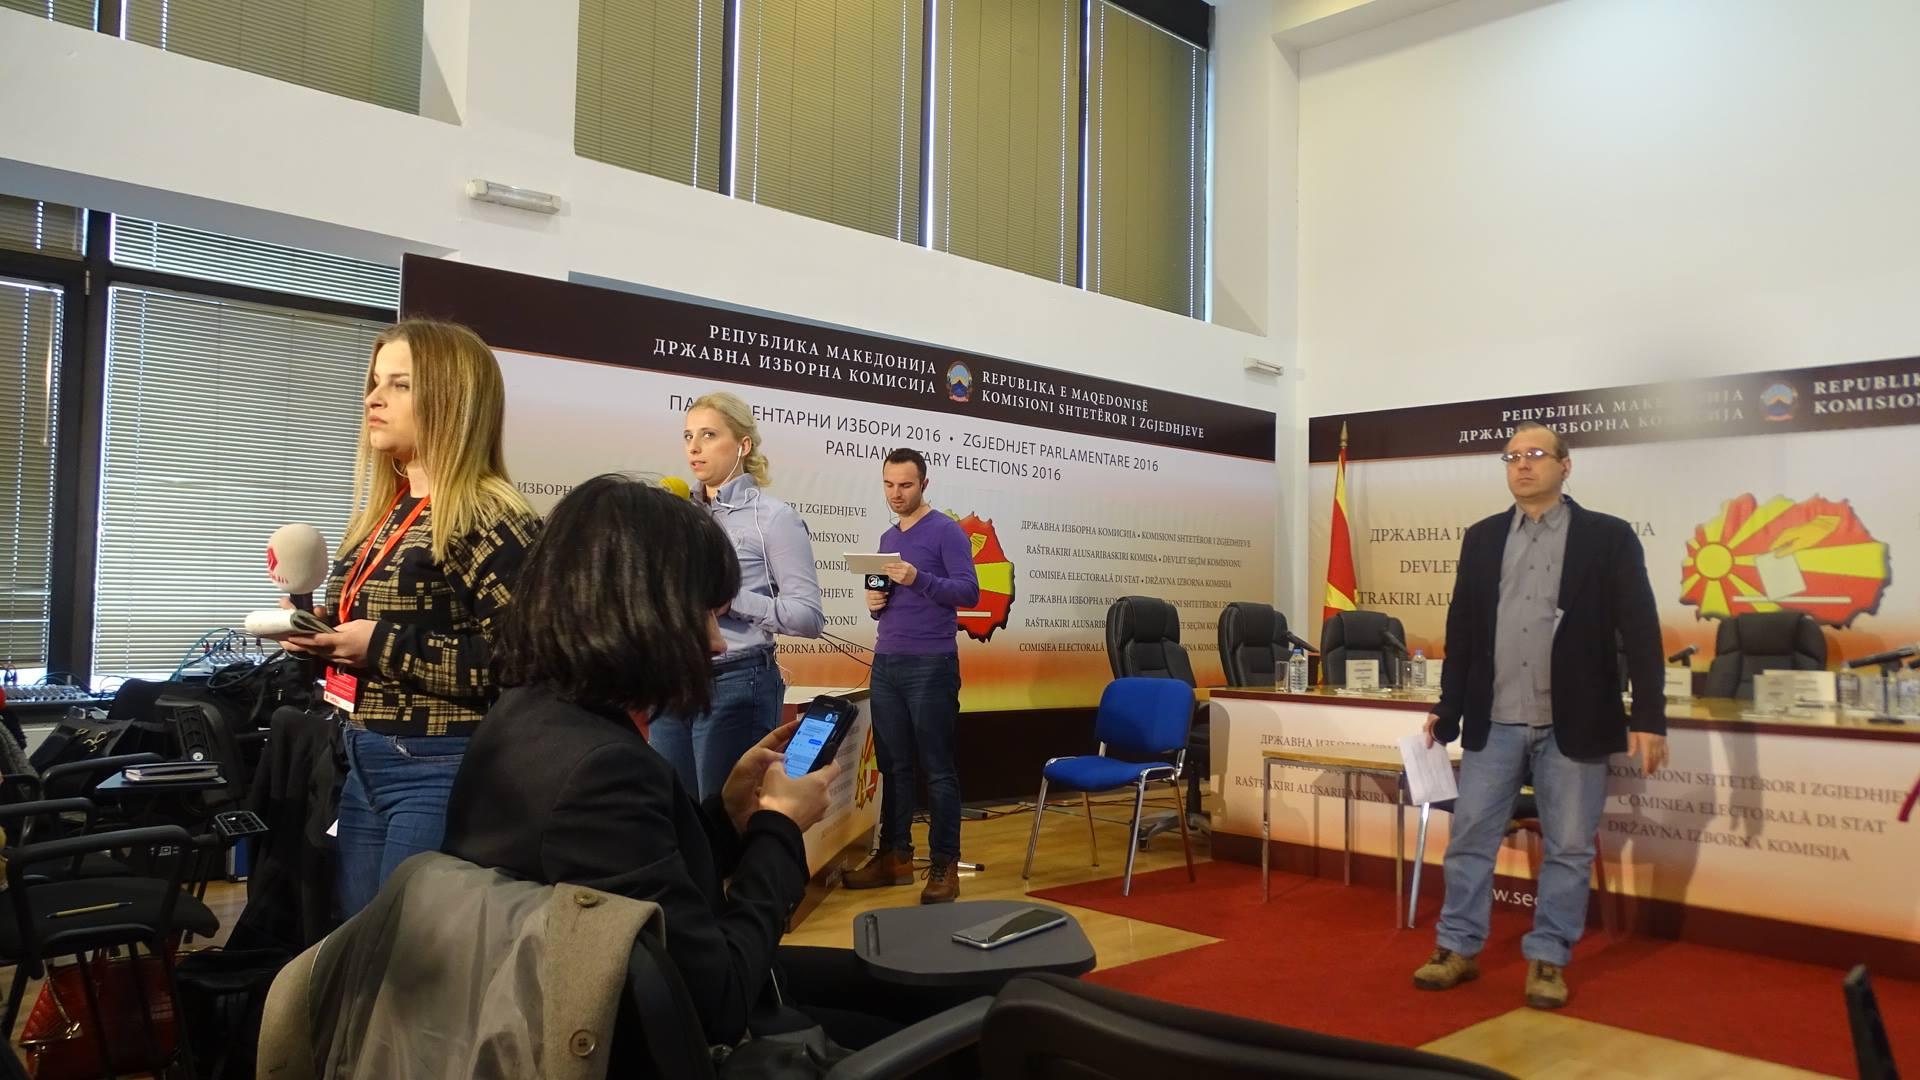 Новинари чекаат да започне седница на ДИК